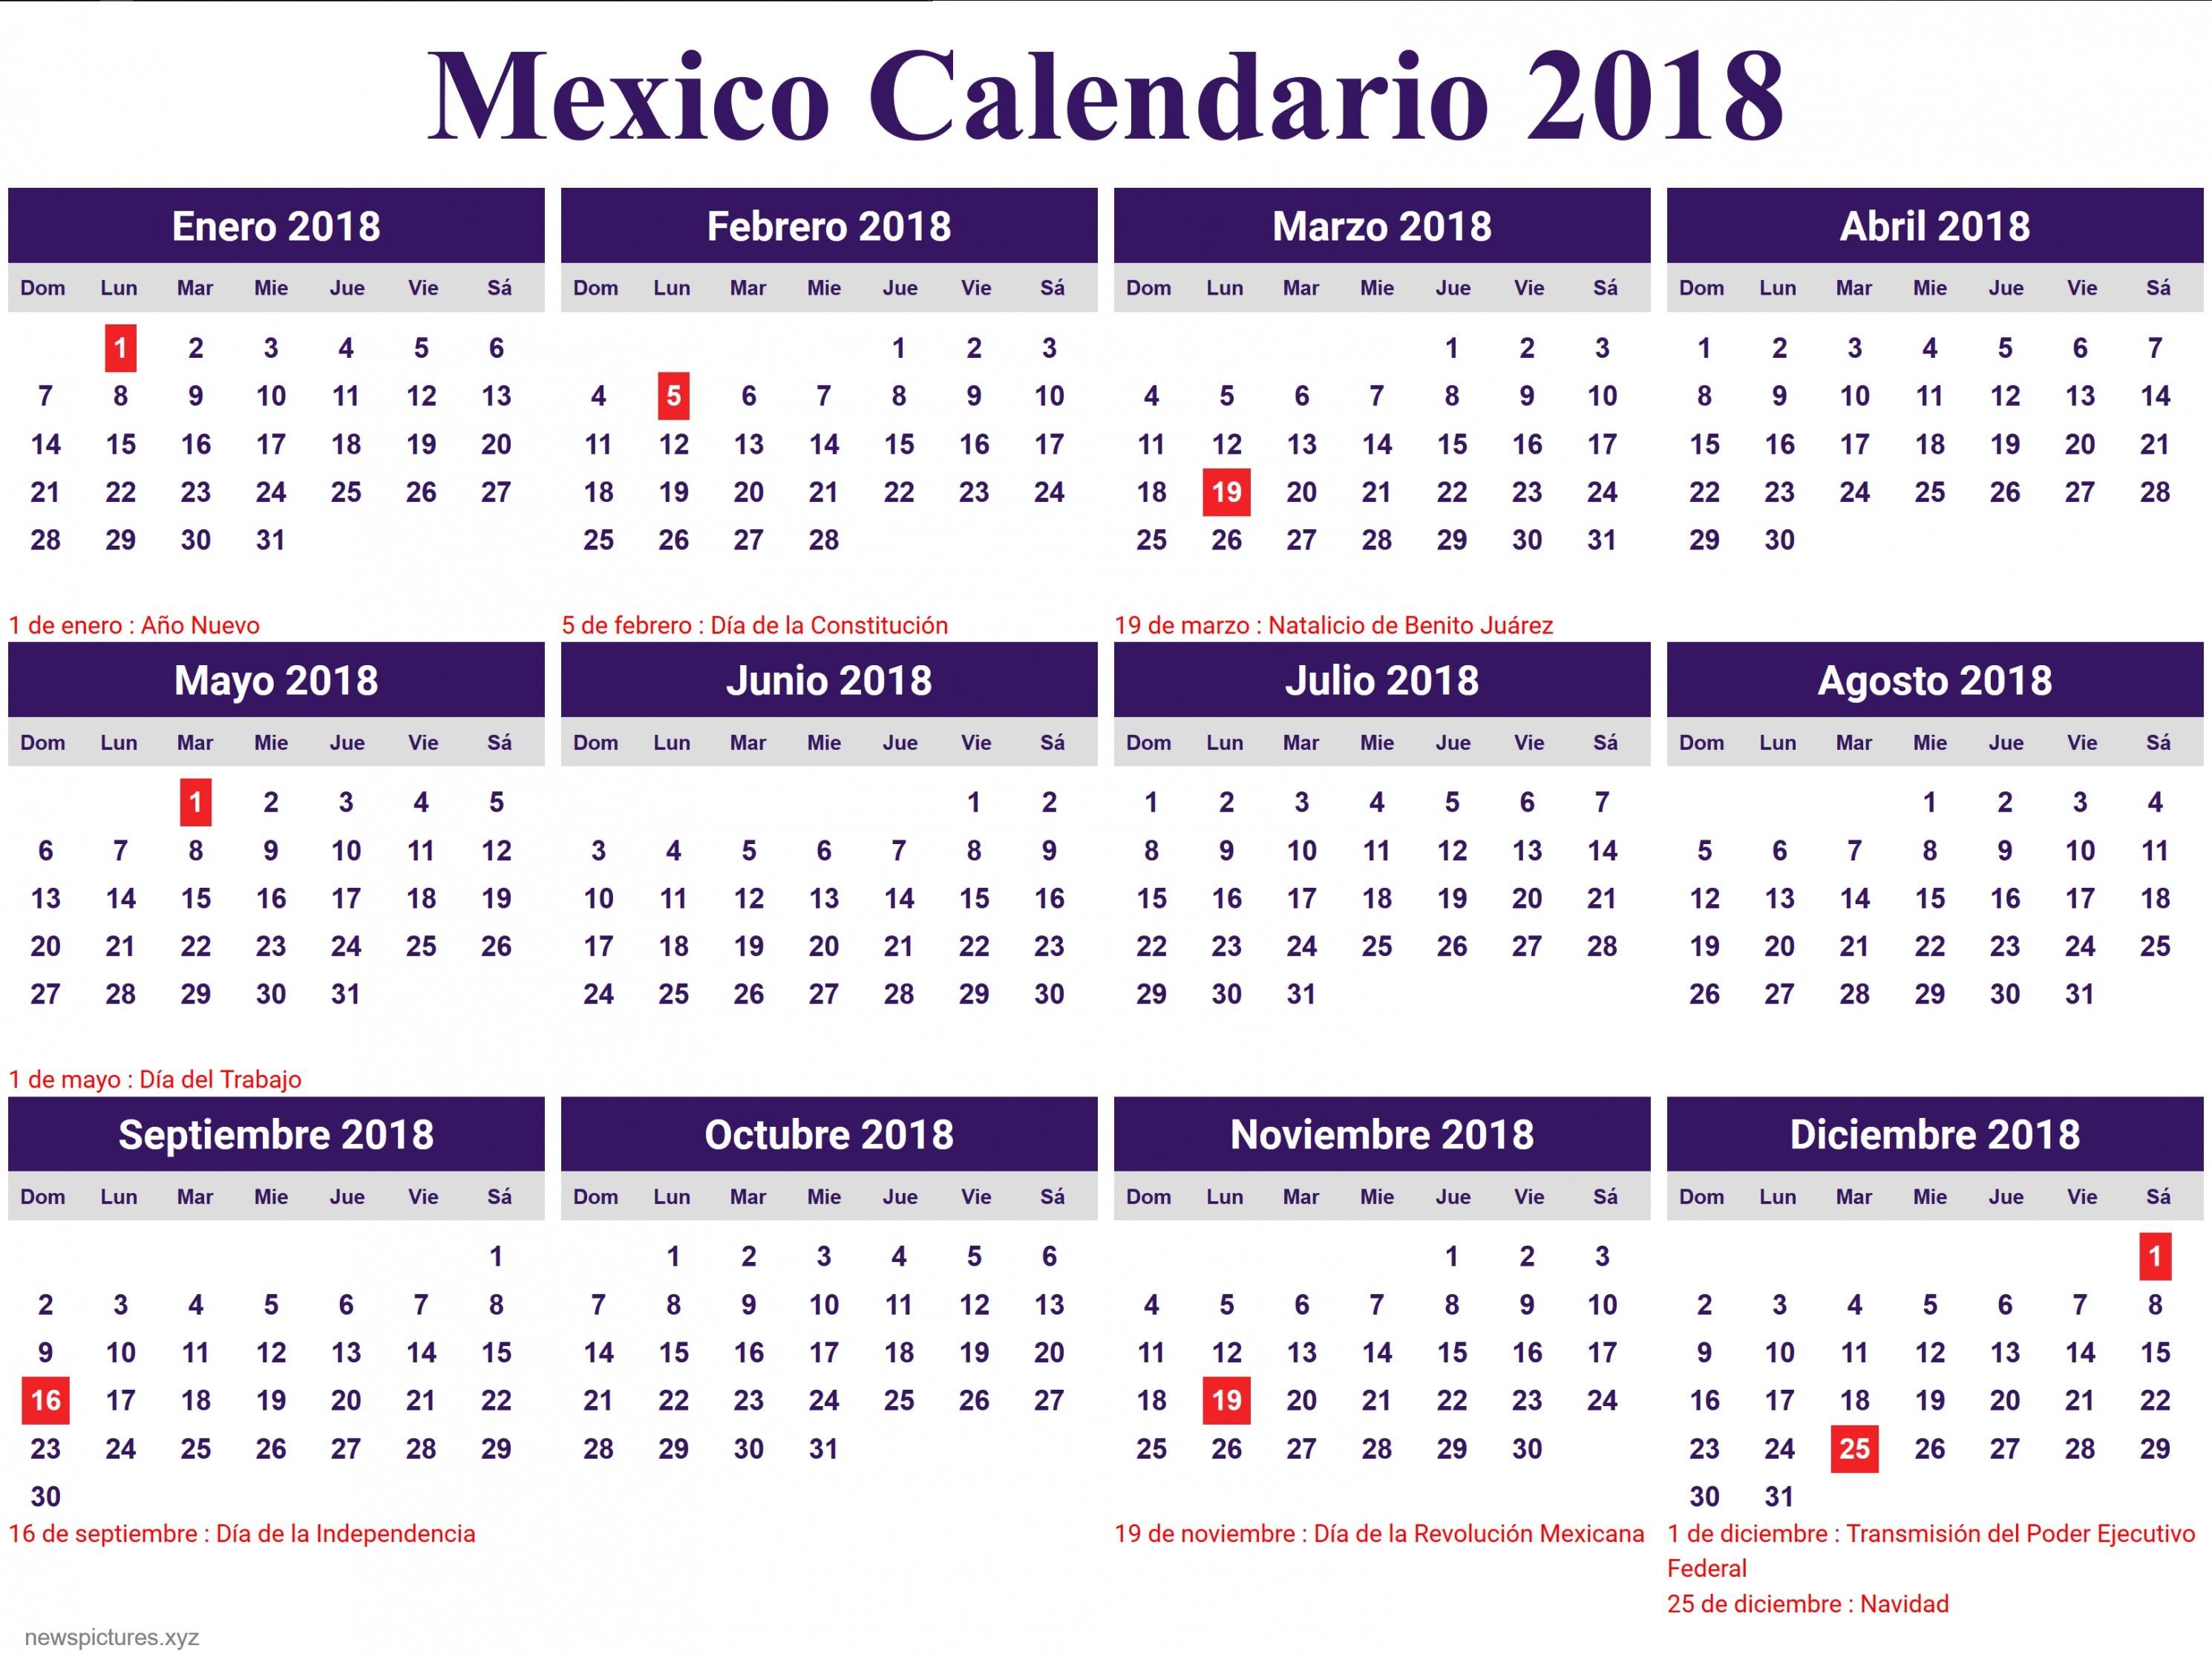 Calendario De Febrero 2017 Peru Más Recientemente Liberado Calendario 2018 Con Festivos — Fiesta De Lamusica Medellin Of Calendario De Febrero 2017 Peru Recientes Pin De Mara José Pinar Martnez En Programaci³n Pinterest